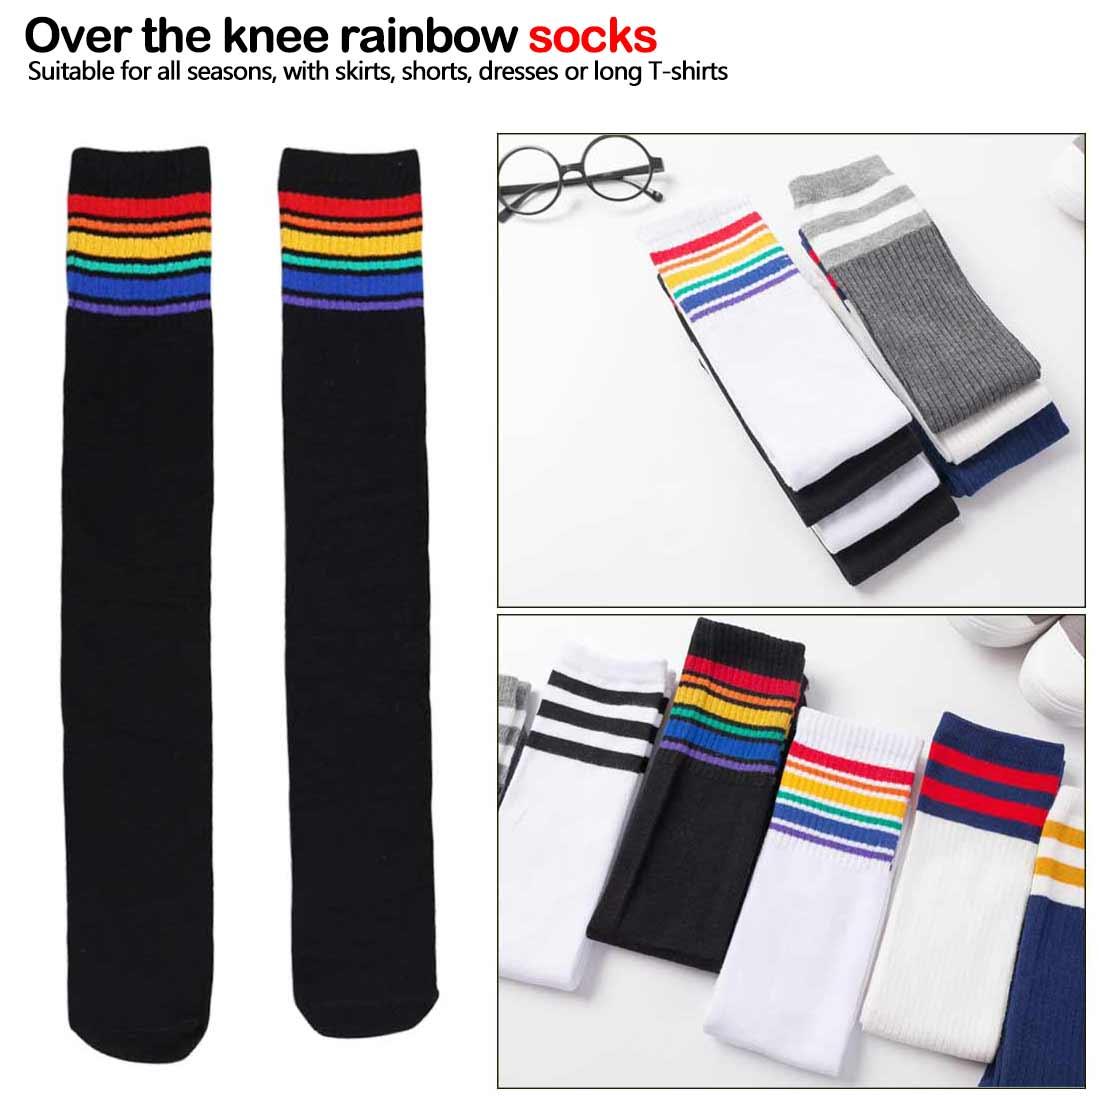 New Arrival 1Pair Thigh High Socks Over Knee Rainbow Stripe Girls Comfortable Socks Black White Sock Soft Elastic